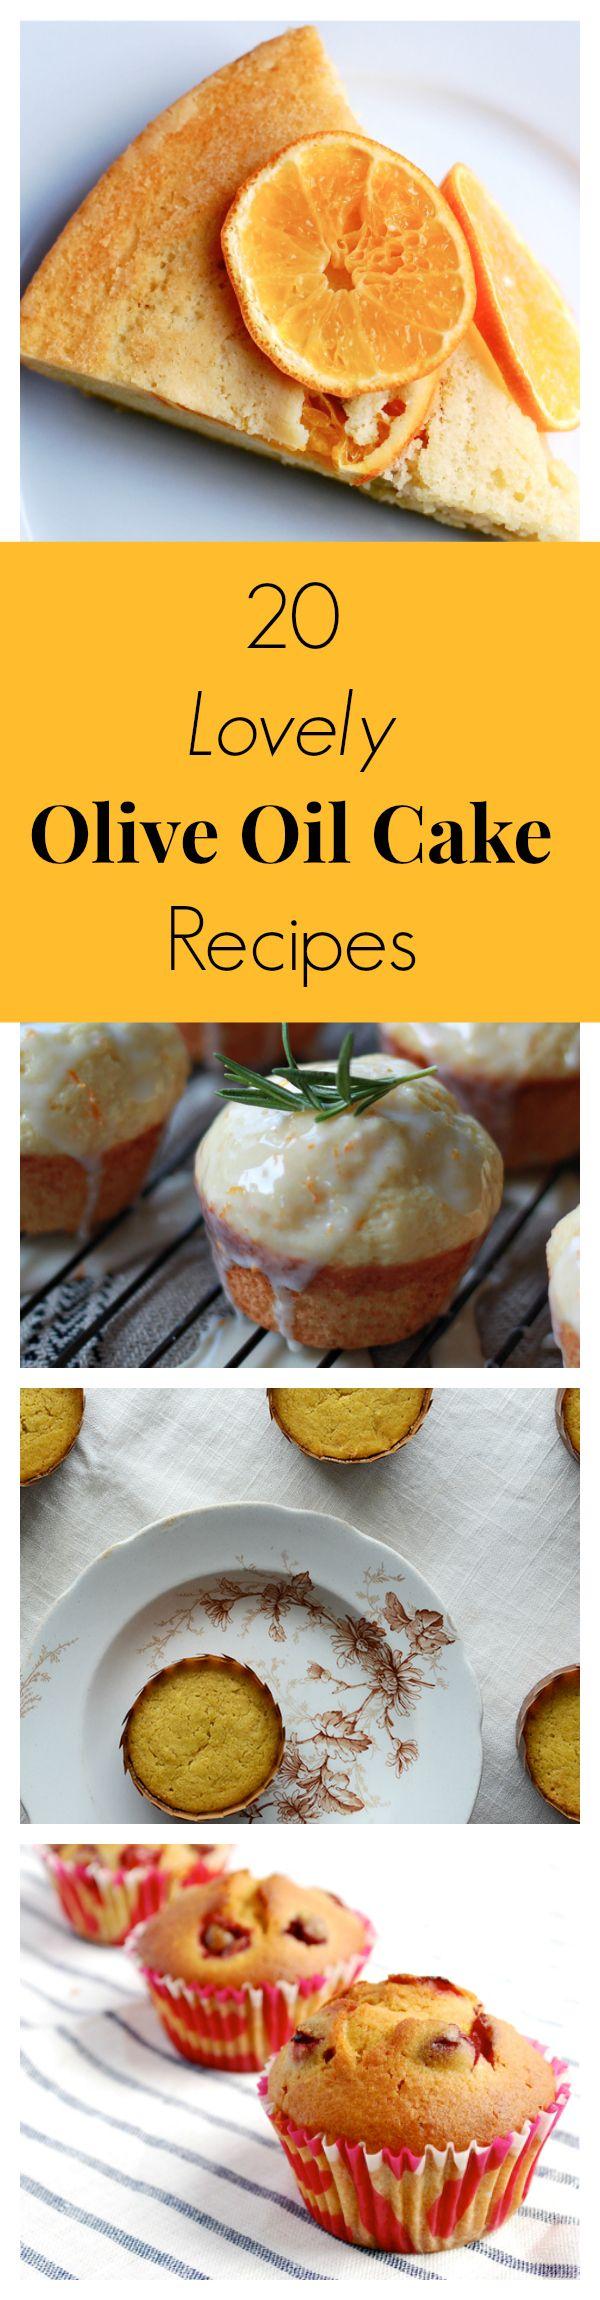 20 Lovely Olive Oil Cake Recipes (Best Dinosaur Cake)